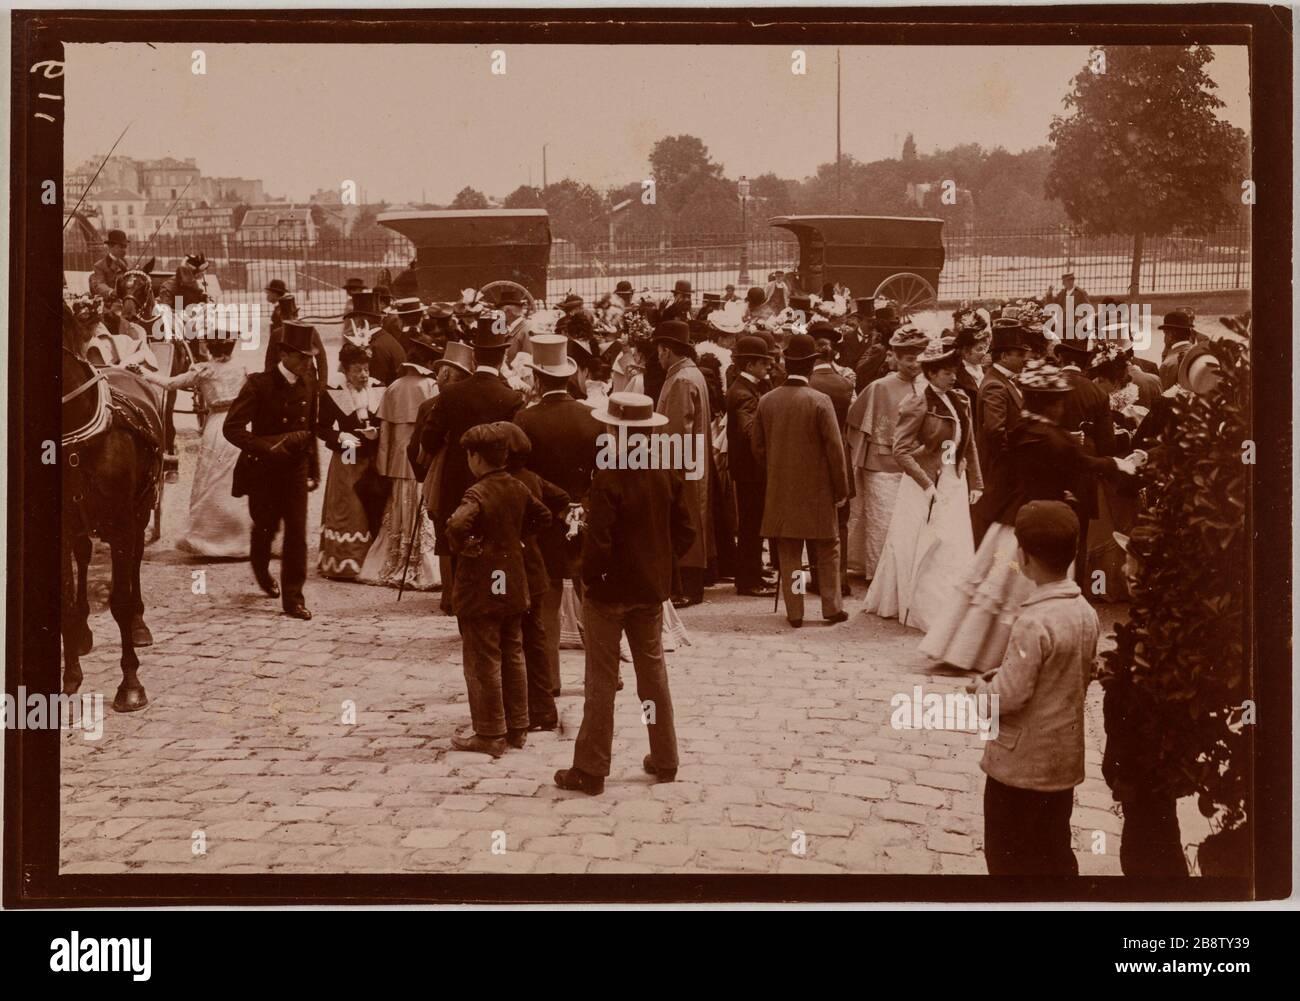 """Crowd on a forecourt """"Foule sur un parvis"""". Photographie anonyme. Tirage au gélatino-chlorure. Paris, musée Carnavalet. Stock Photo"""